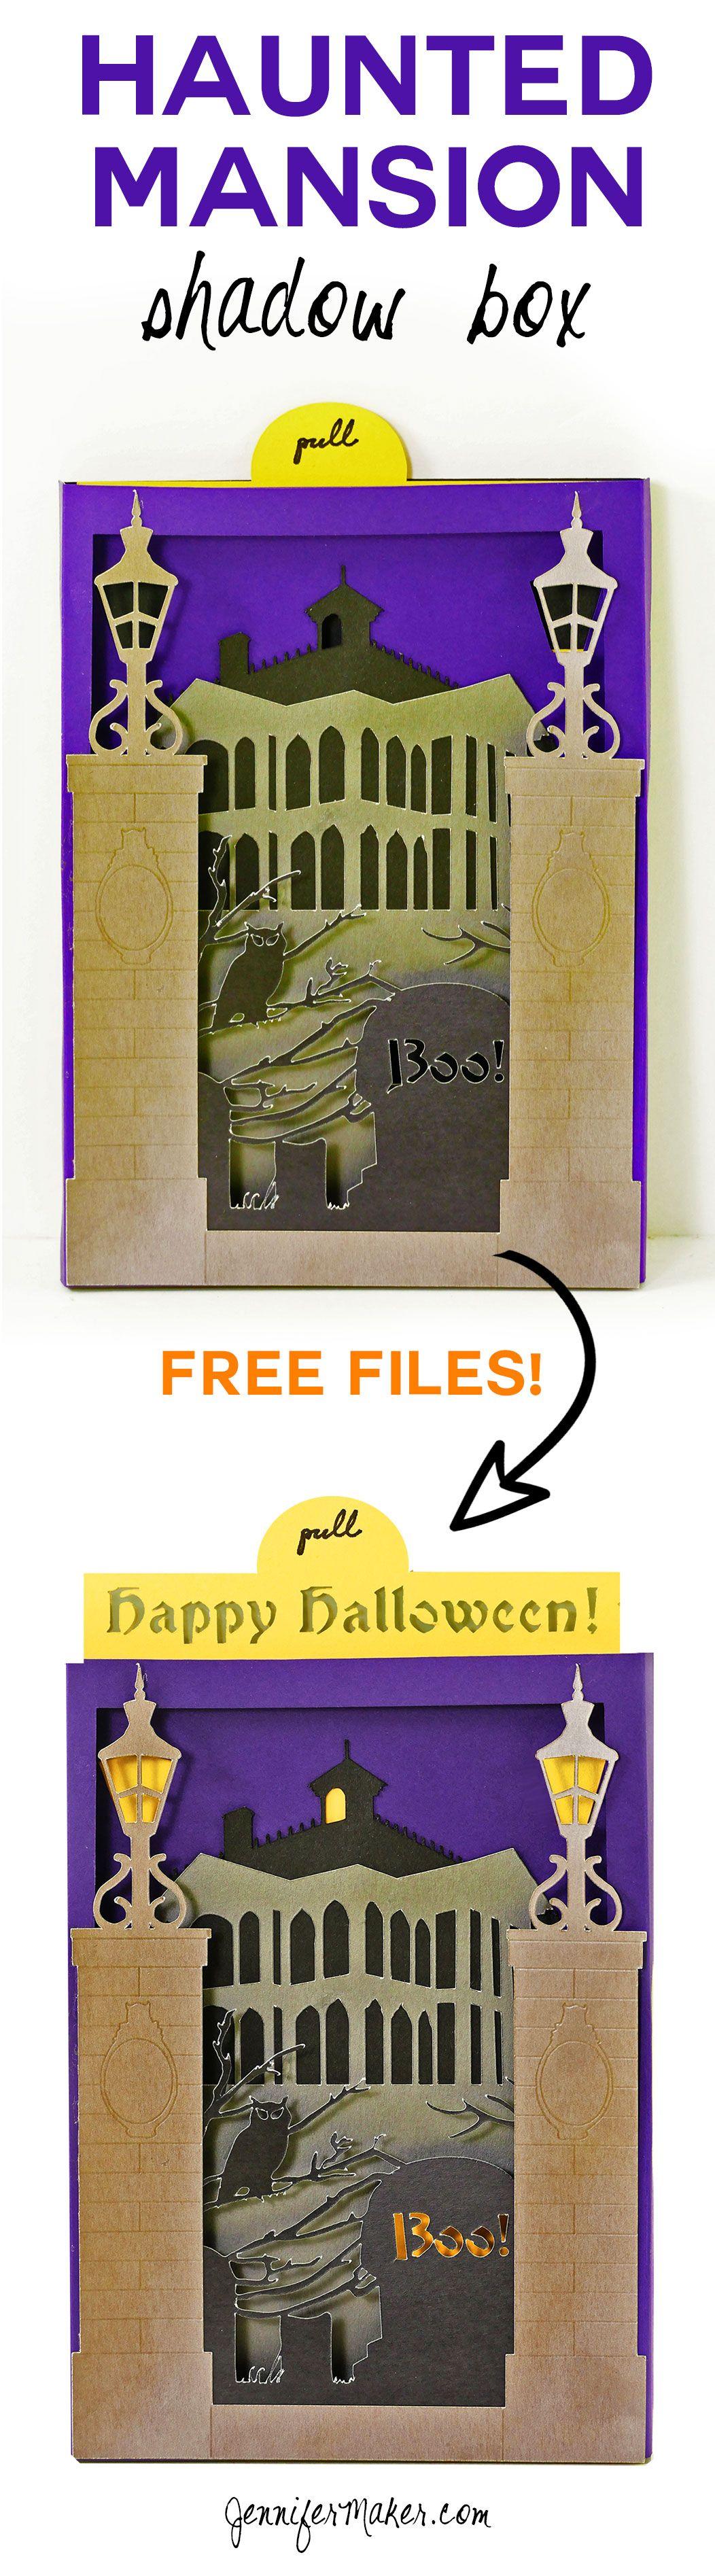 Halloween Card Haunted Mansion Shadow Box Halloween